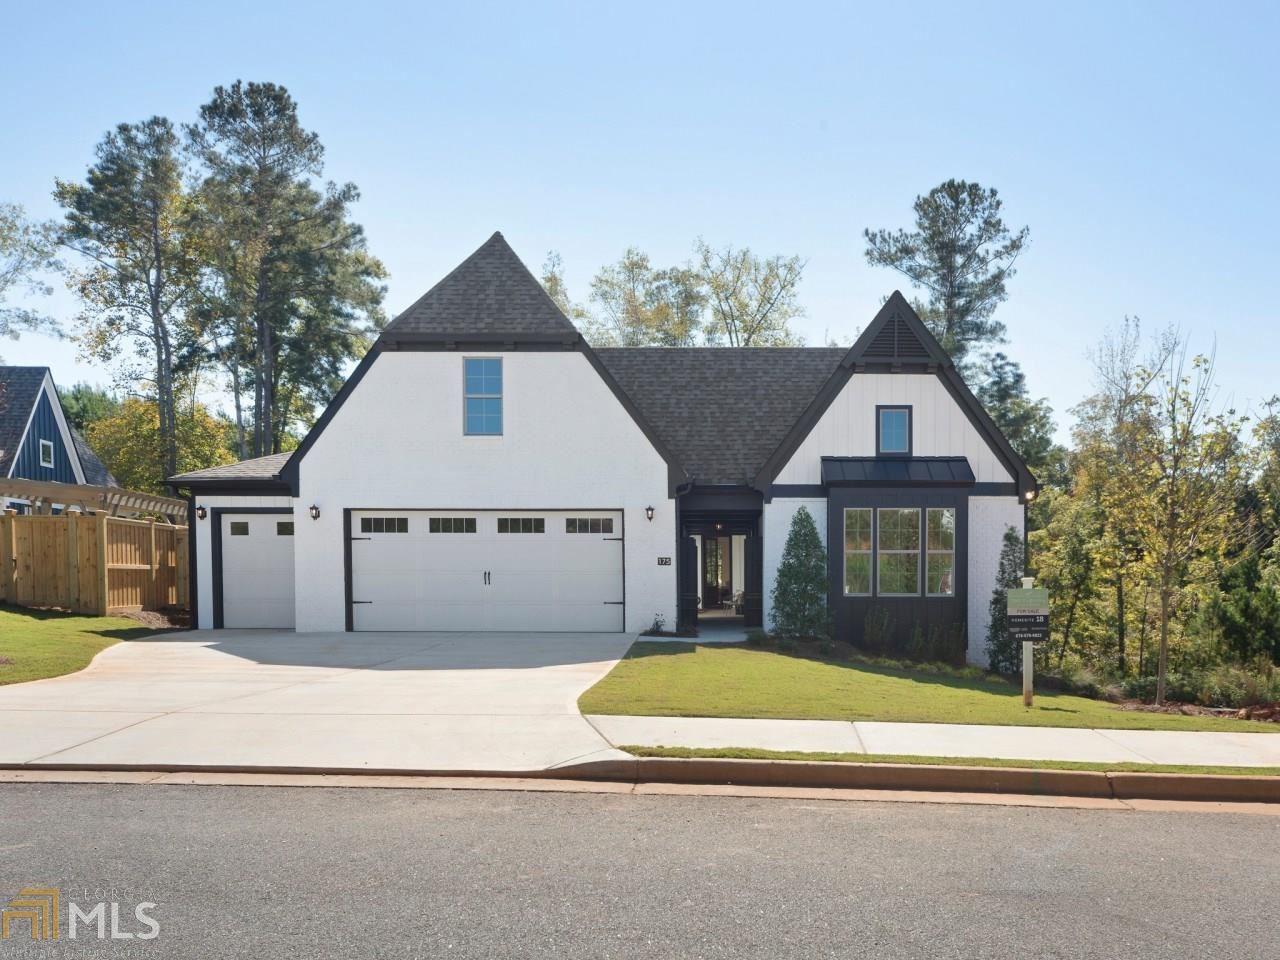 175 Arbor Garden Cir, Newnan, GA 30265 - MLS#: 8911355